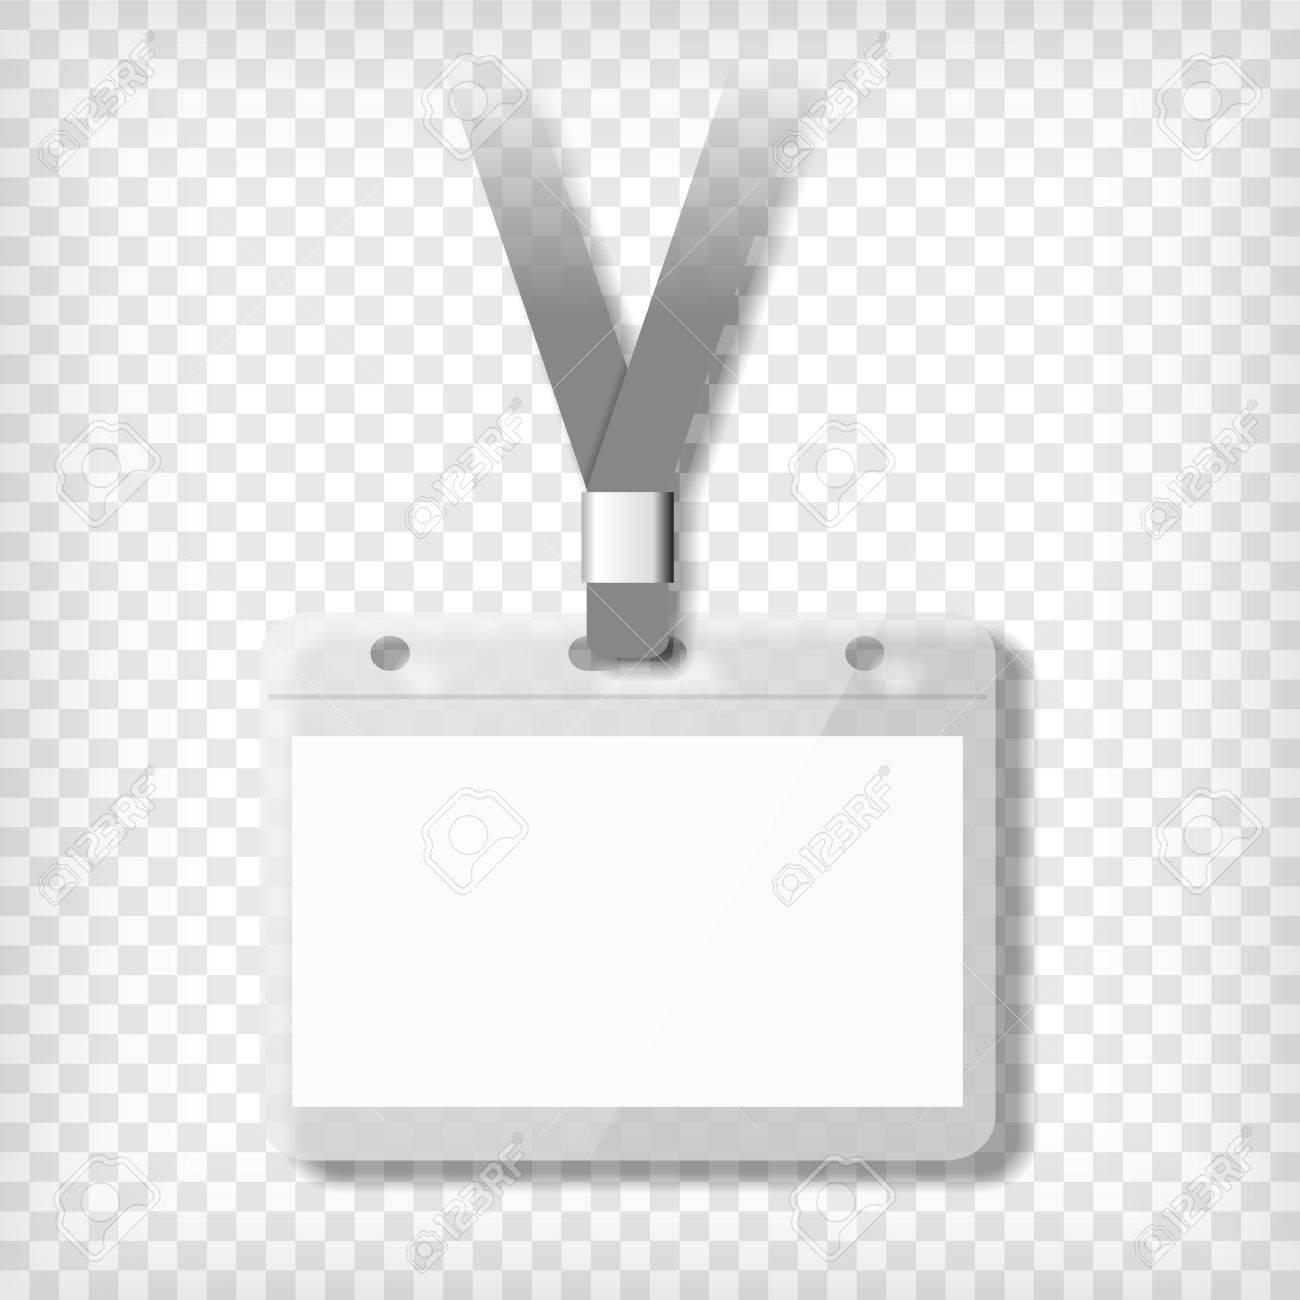 Plantilla De Credencial. Tarjeta De Identificación Brillante Con ...